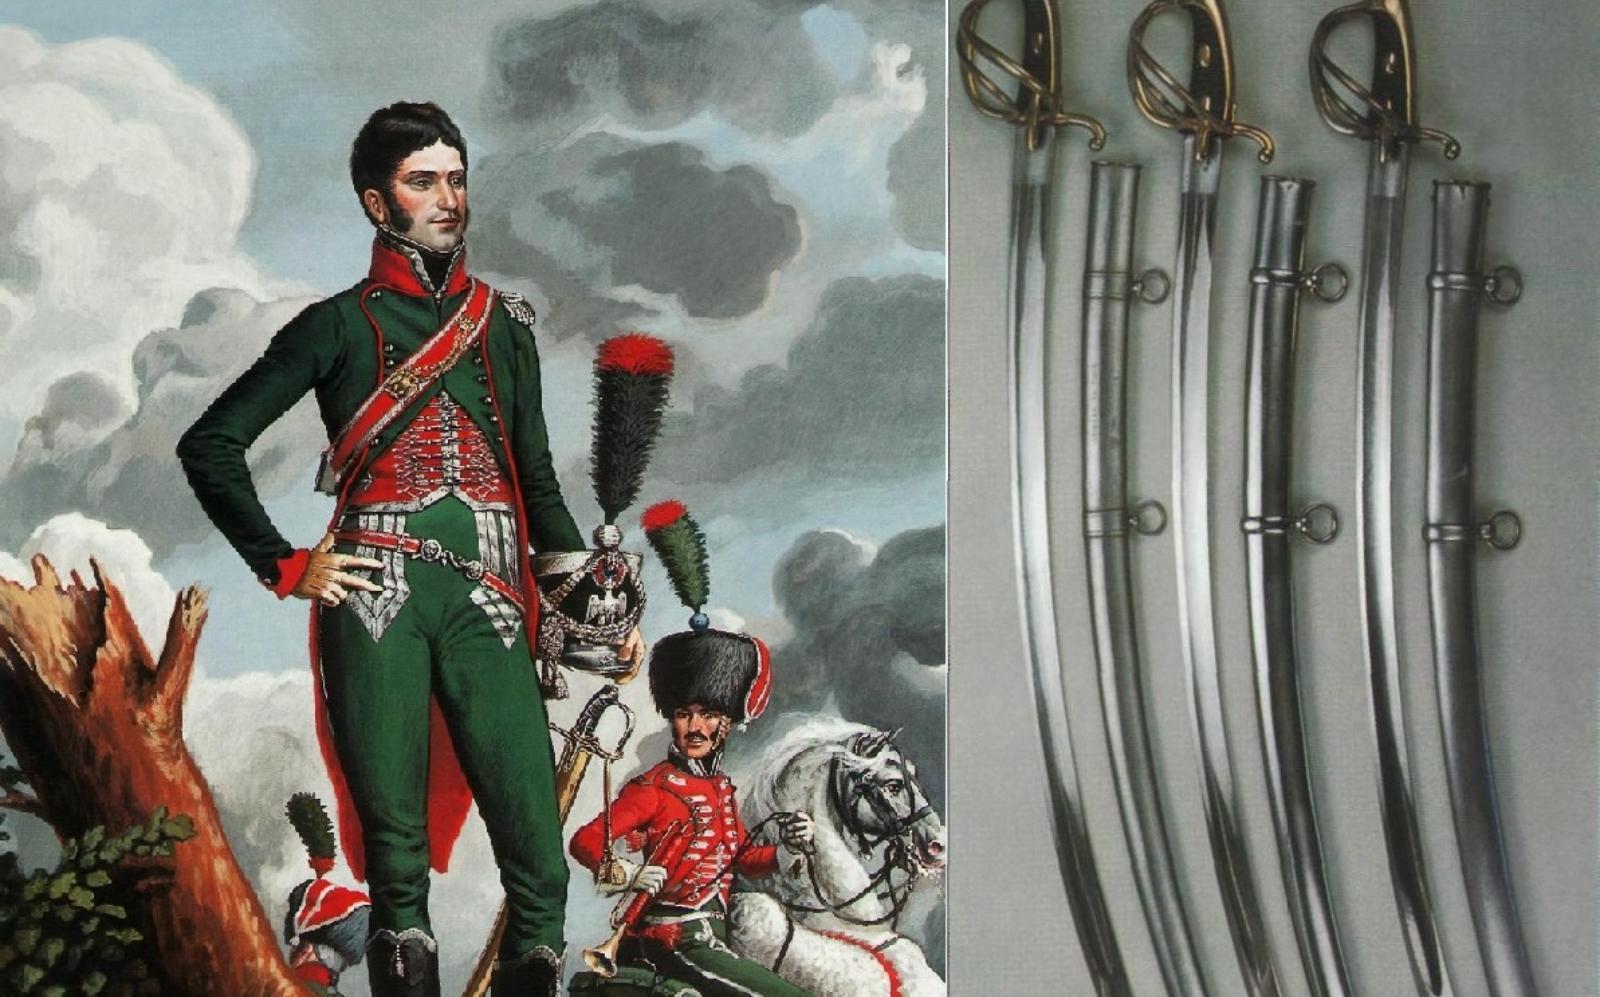 Конный егерь и сабли лёгкой кавалерии.